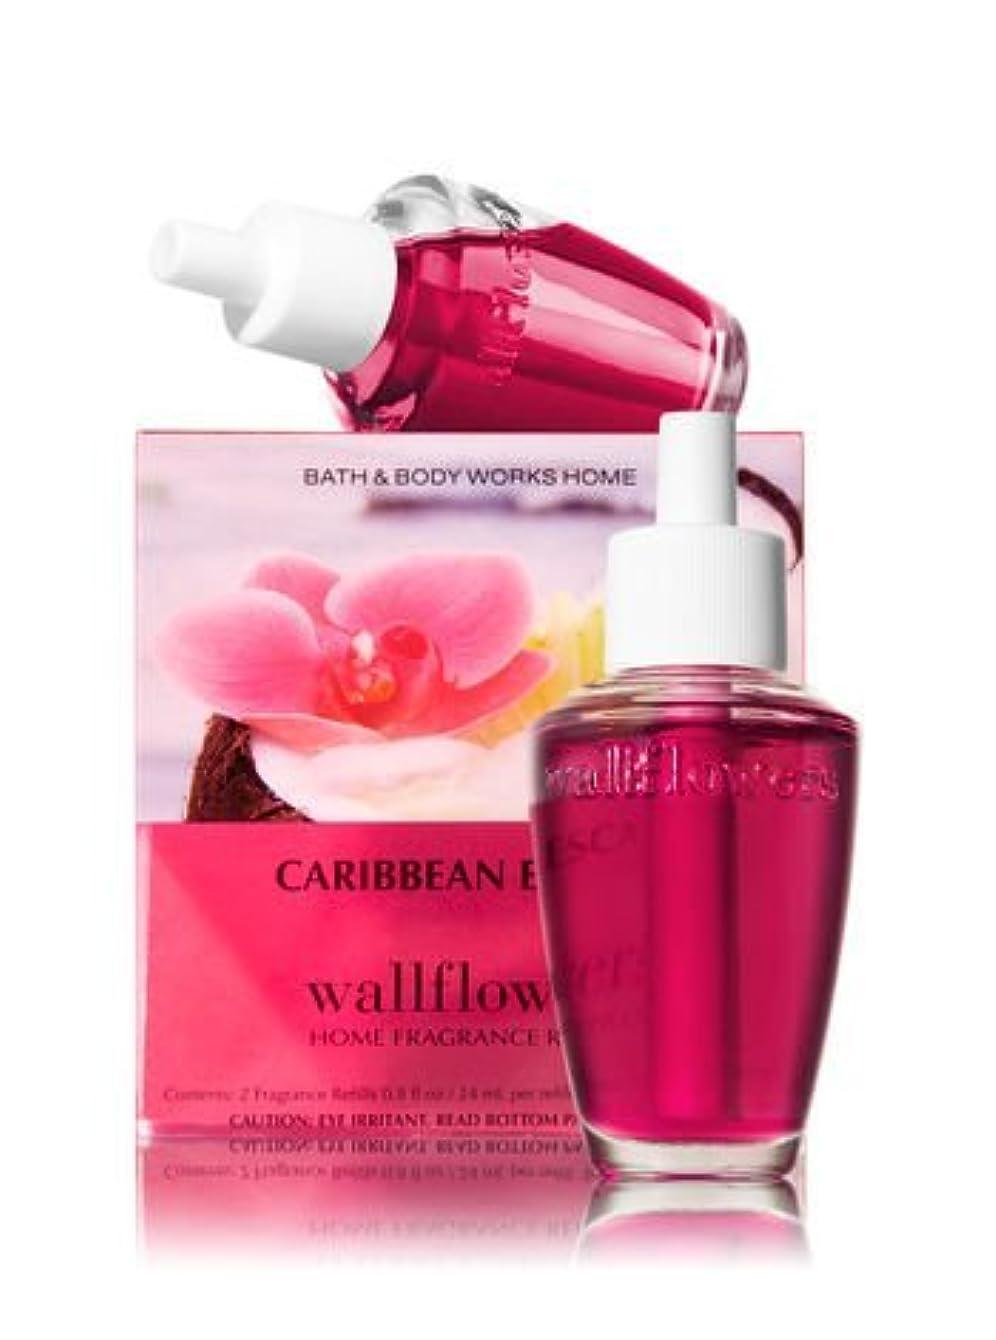 シェアマイルドポーク【Bath&Body Works/バス&ボディワークス】 ホームフレグランス 詰替えリフィル(2個入り) カリビアンエスケープ Wallflowers Home Fragrance 2-Pack Refills Caribbean Escape [並行輸入品]